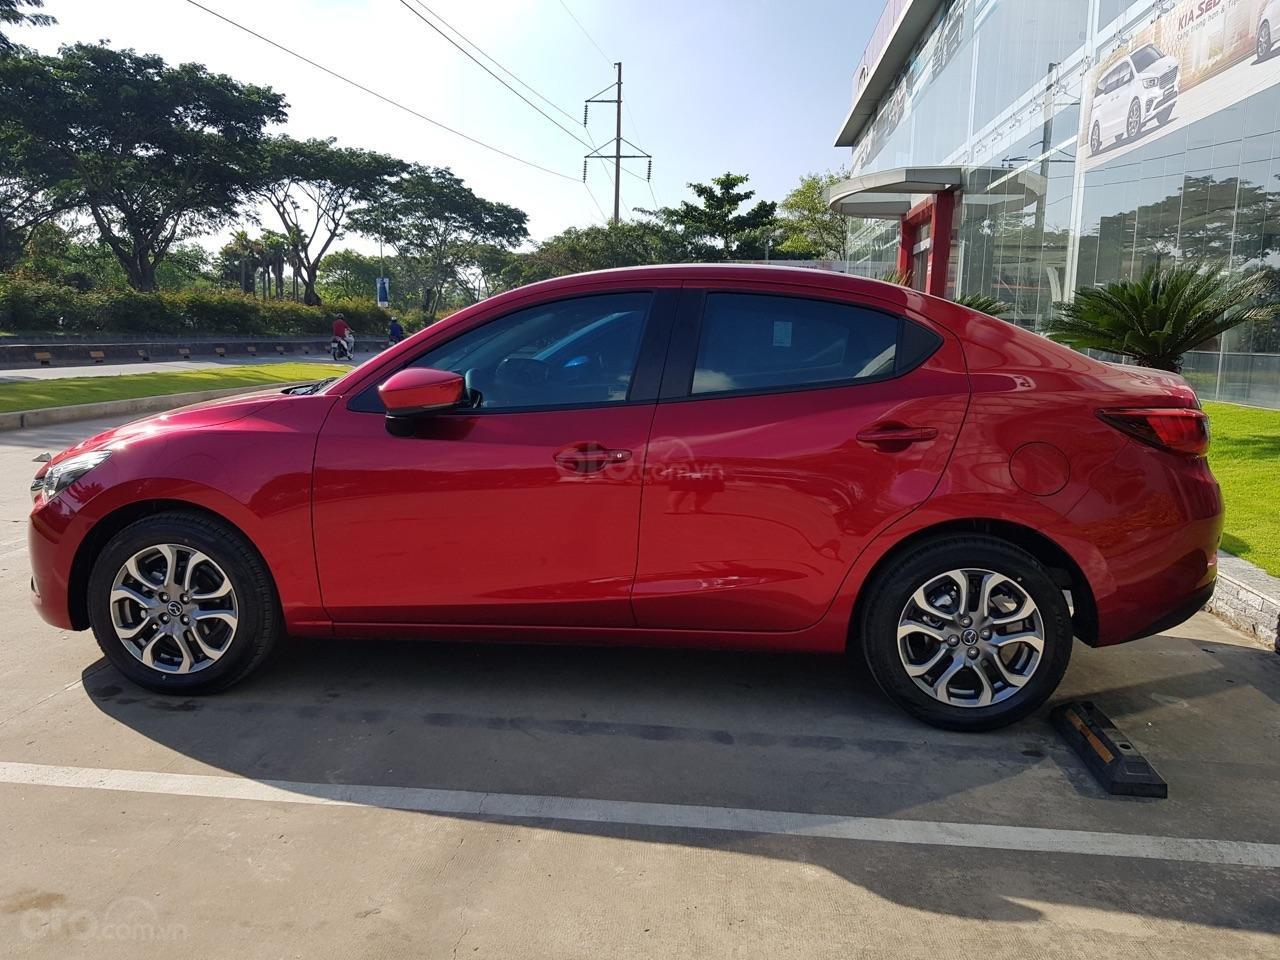 Bán Mazda 2 Premium nhập 2019 – Thanh toán 190tr nhận xe – Hỗ trợ hồ sơ vay-1